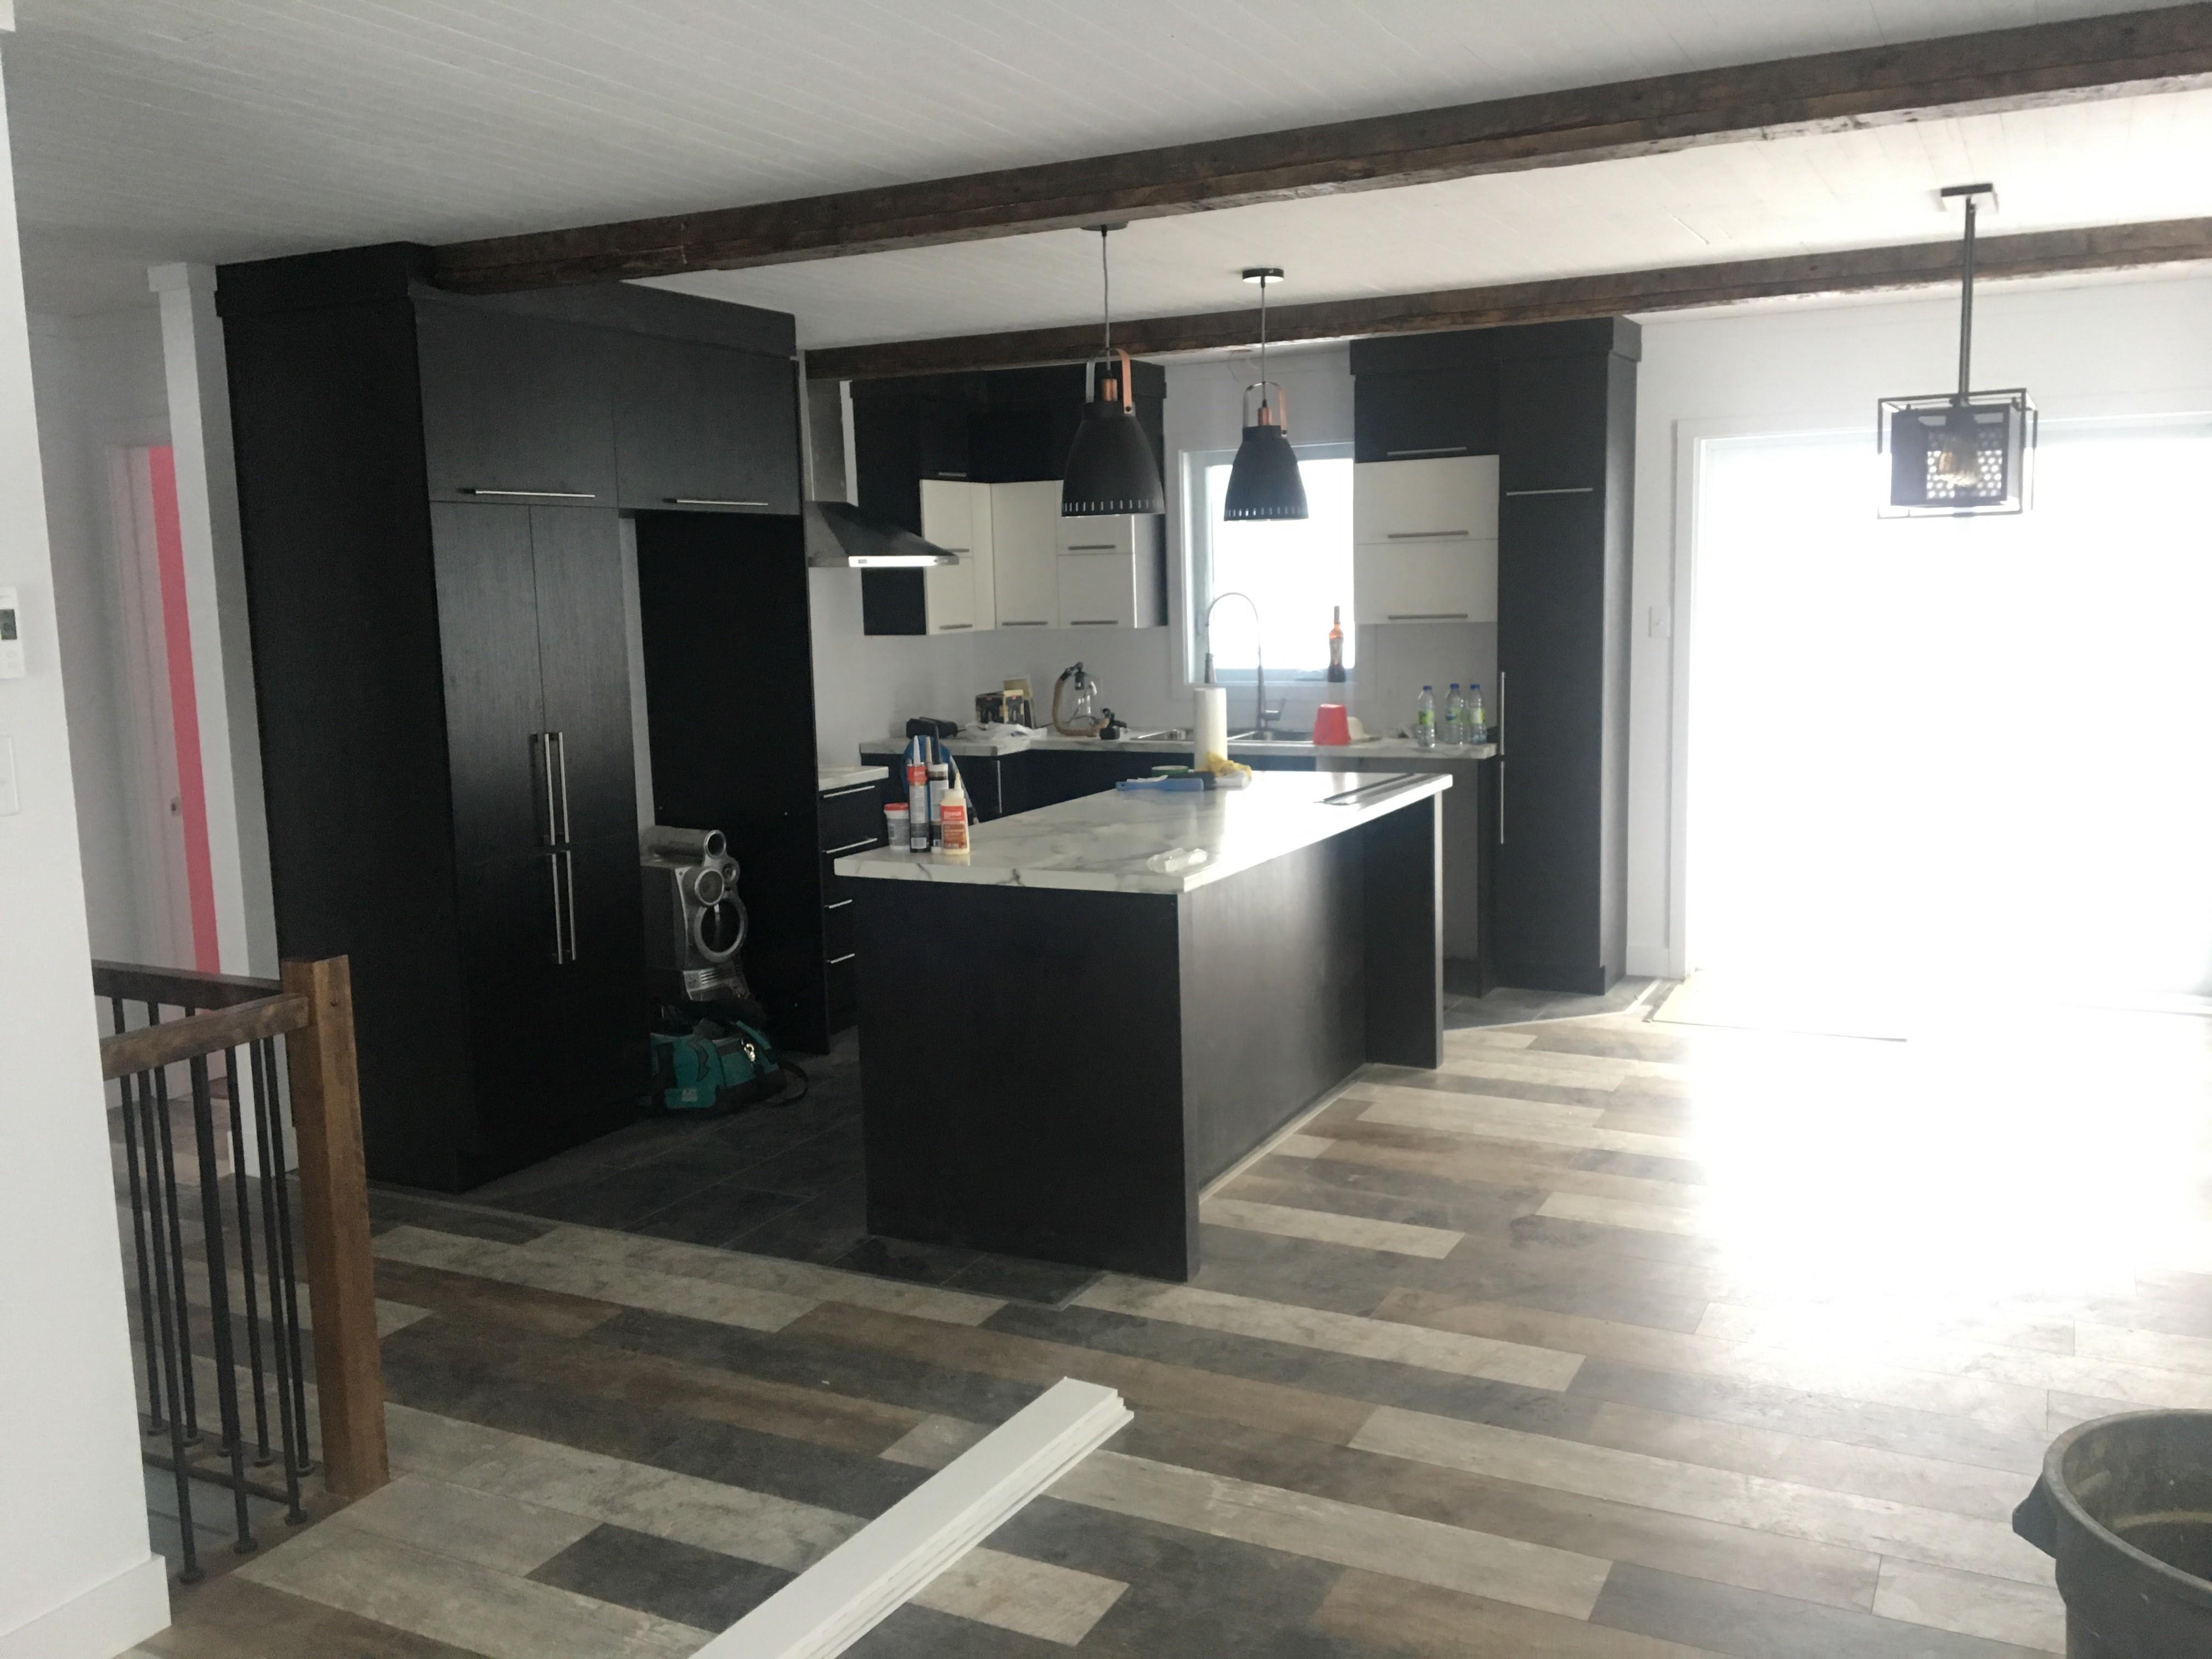 Cuisine plancher bois grange 2 construction d st onge for Cuisine plancher bois